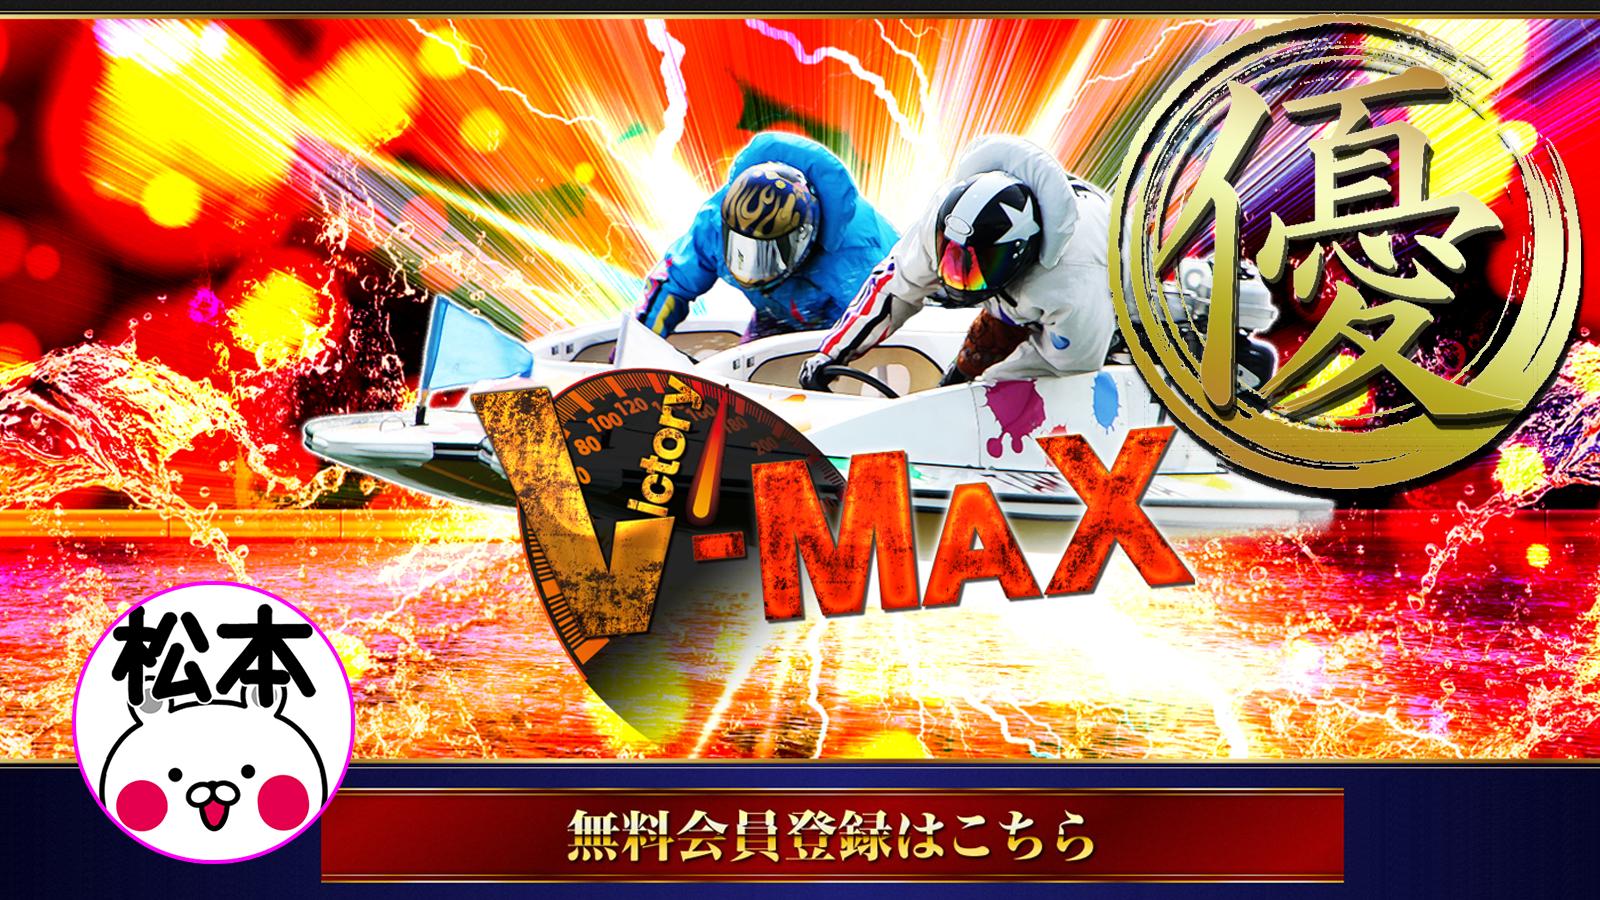 優良競艇予想サイト V-MAX(ブイマックス) 口コミ